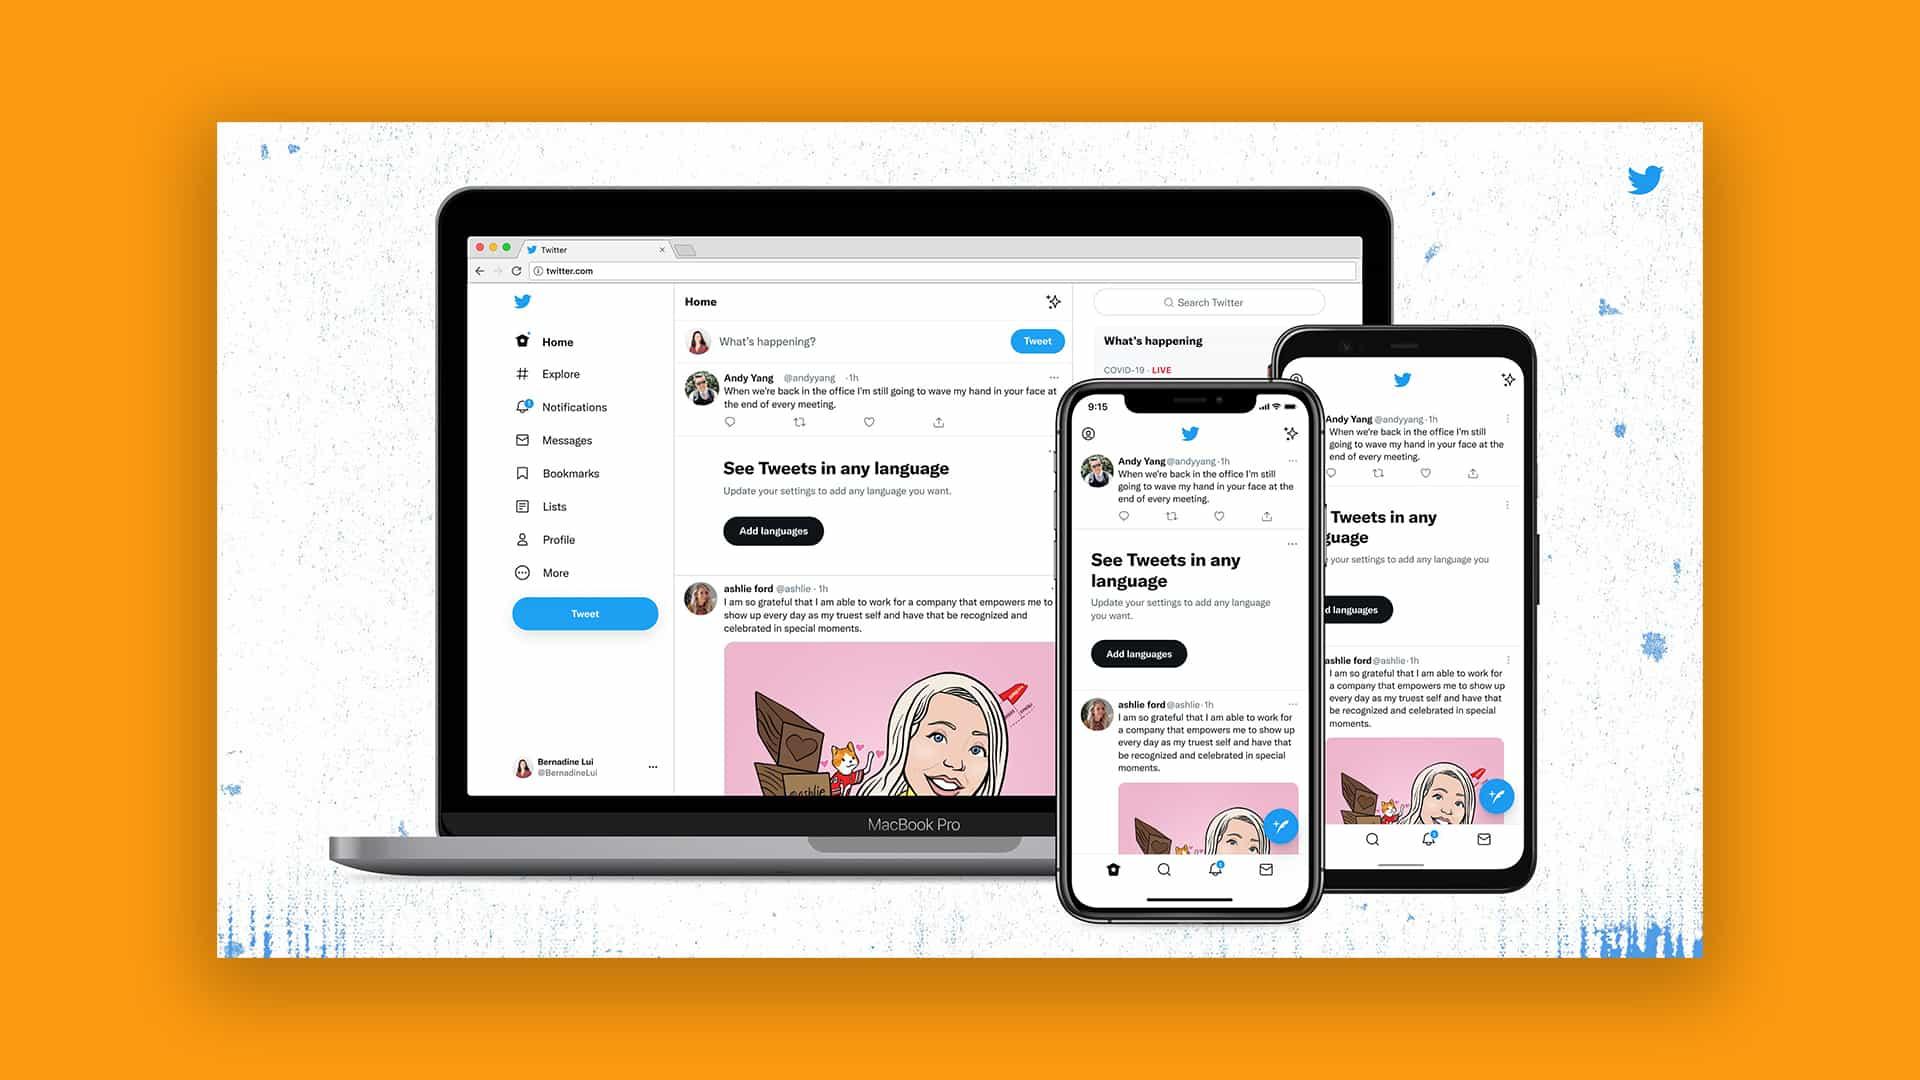 La nueva fuente de Twitter está aquí (y los usuarios tienen sentimientos al respecto)